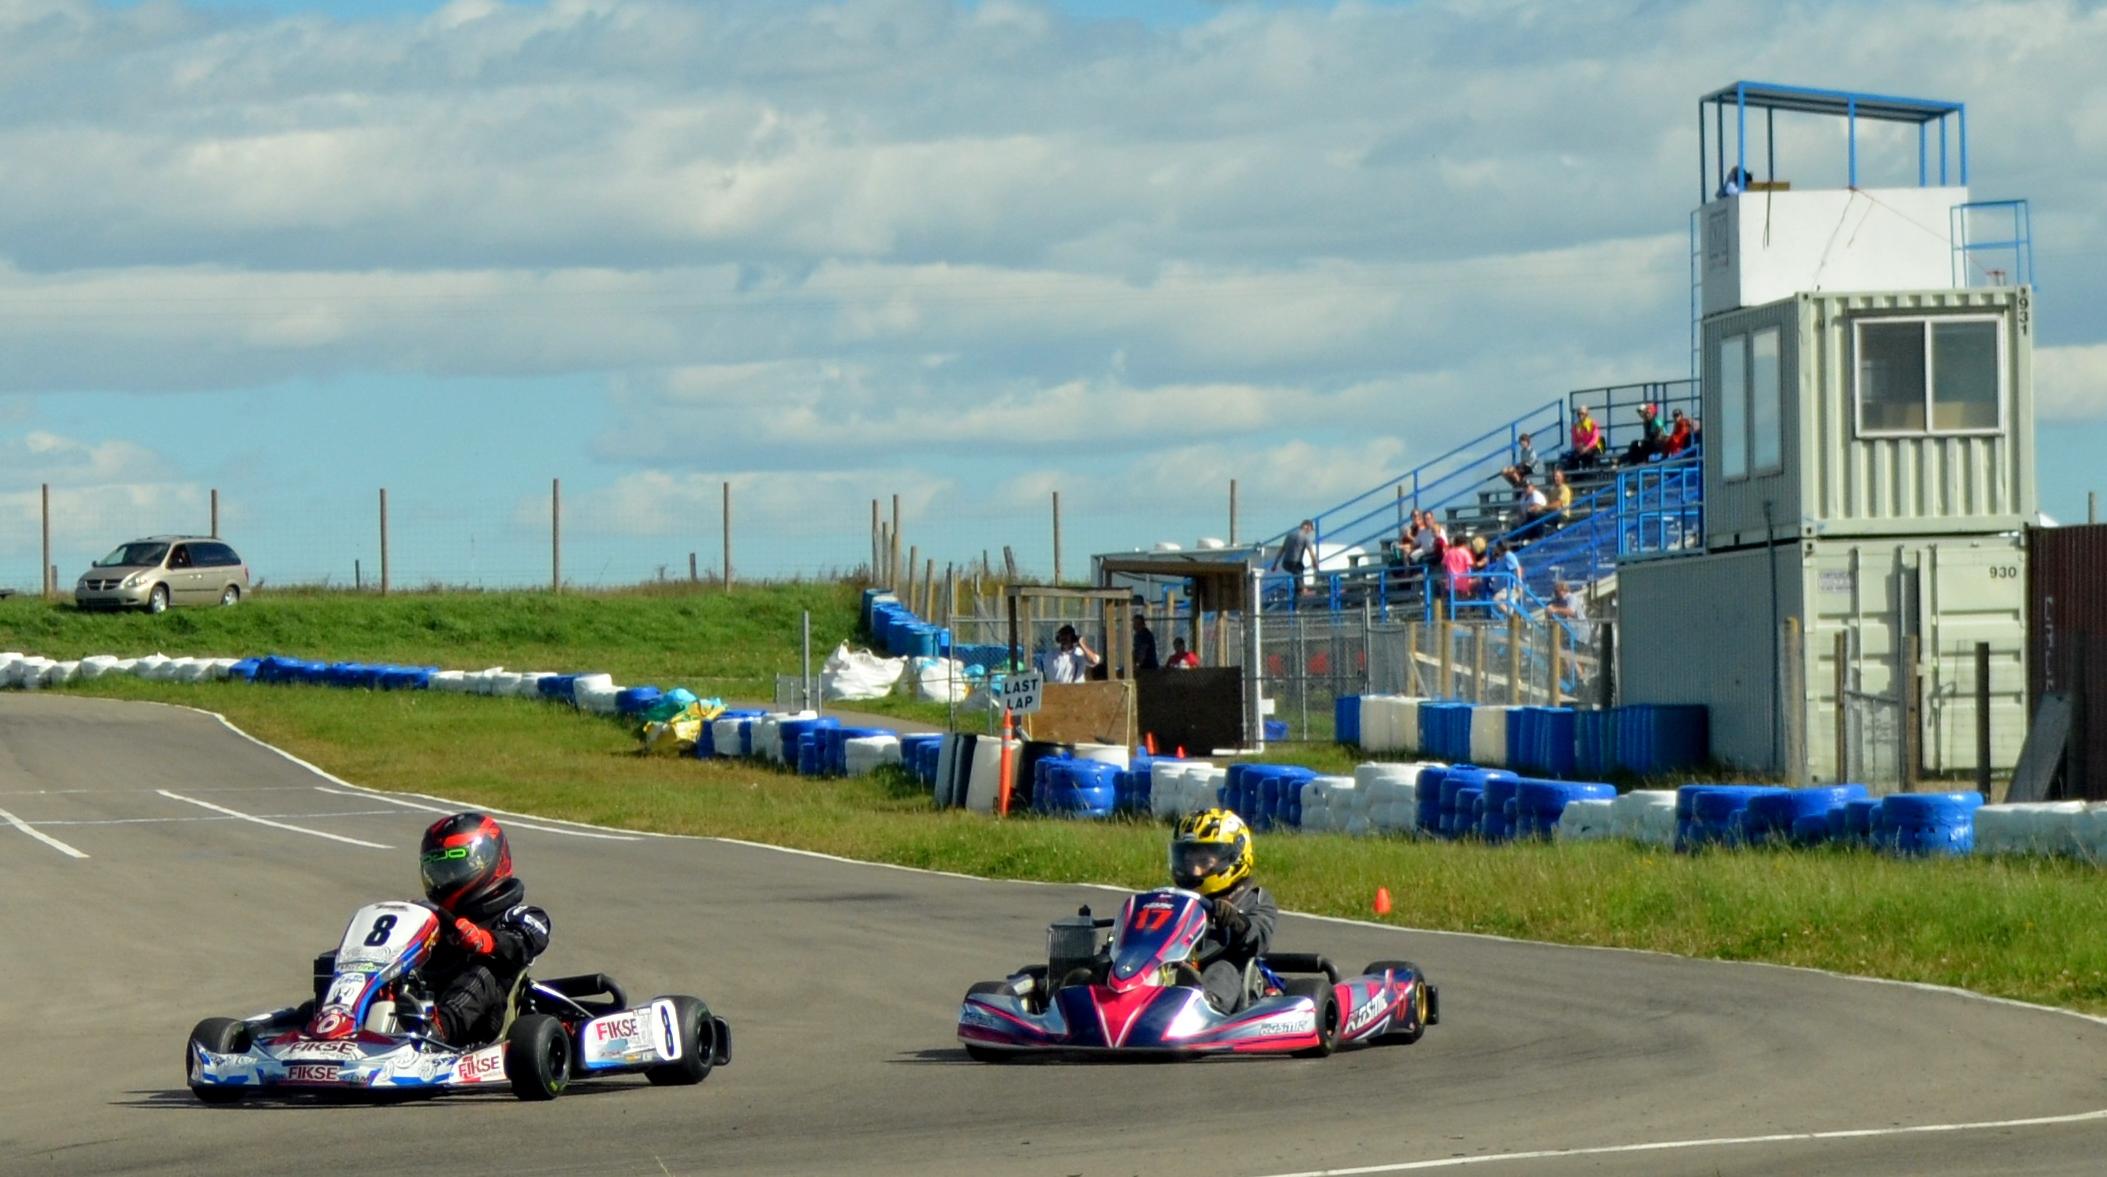 Exciting Double Header Weekend Of Ckrc Kart Racing